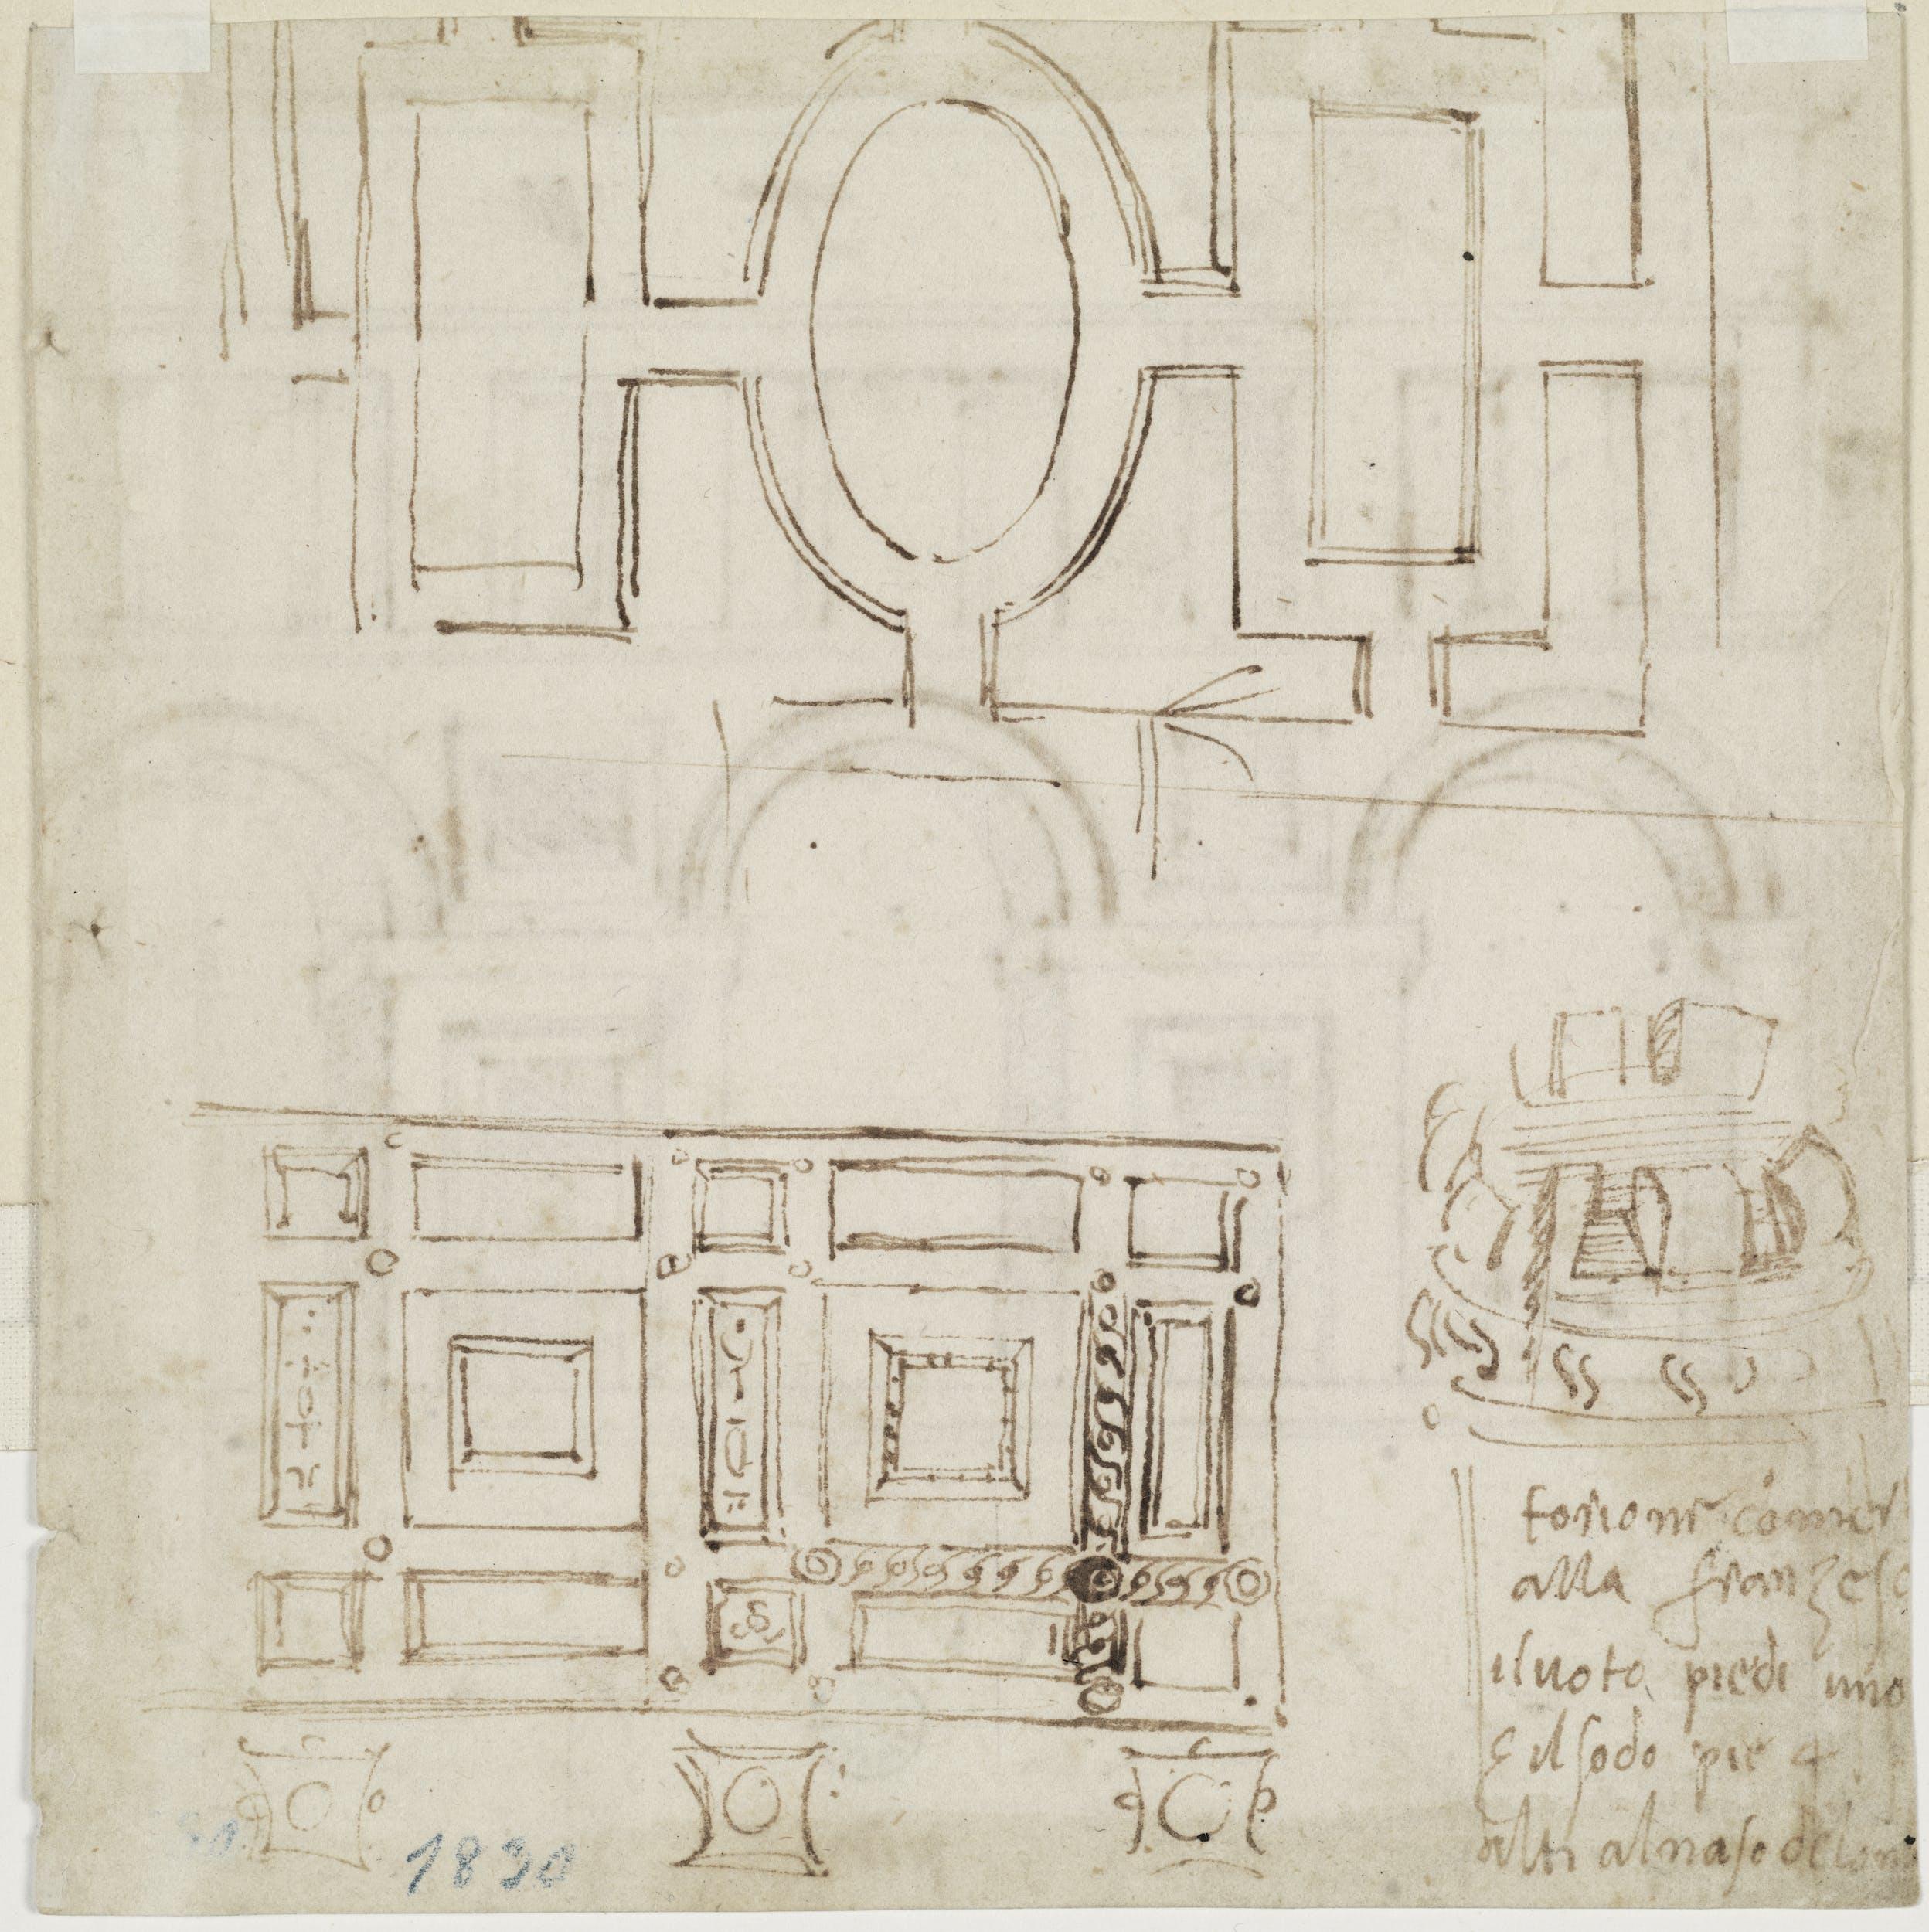 Bastiano da Sangallo detto Aristotele da Sangallo (1481-1551) Due piante di soffitto di portico e schizzo Prima metà del XVI secolo penna, inchiostro e stilo su carta Gabinetto dei Disegni e delle Stampe, Gallerie degli Uffizi, Firenze